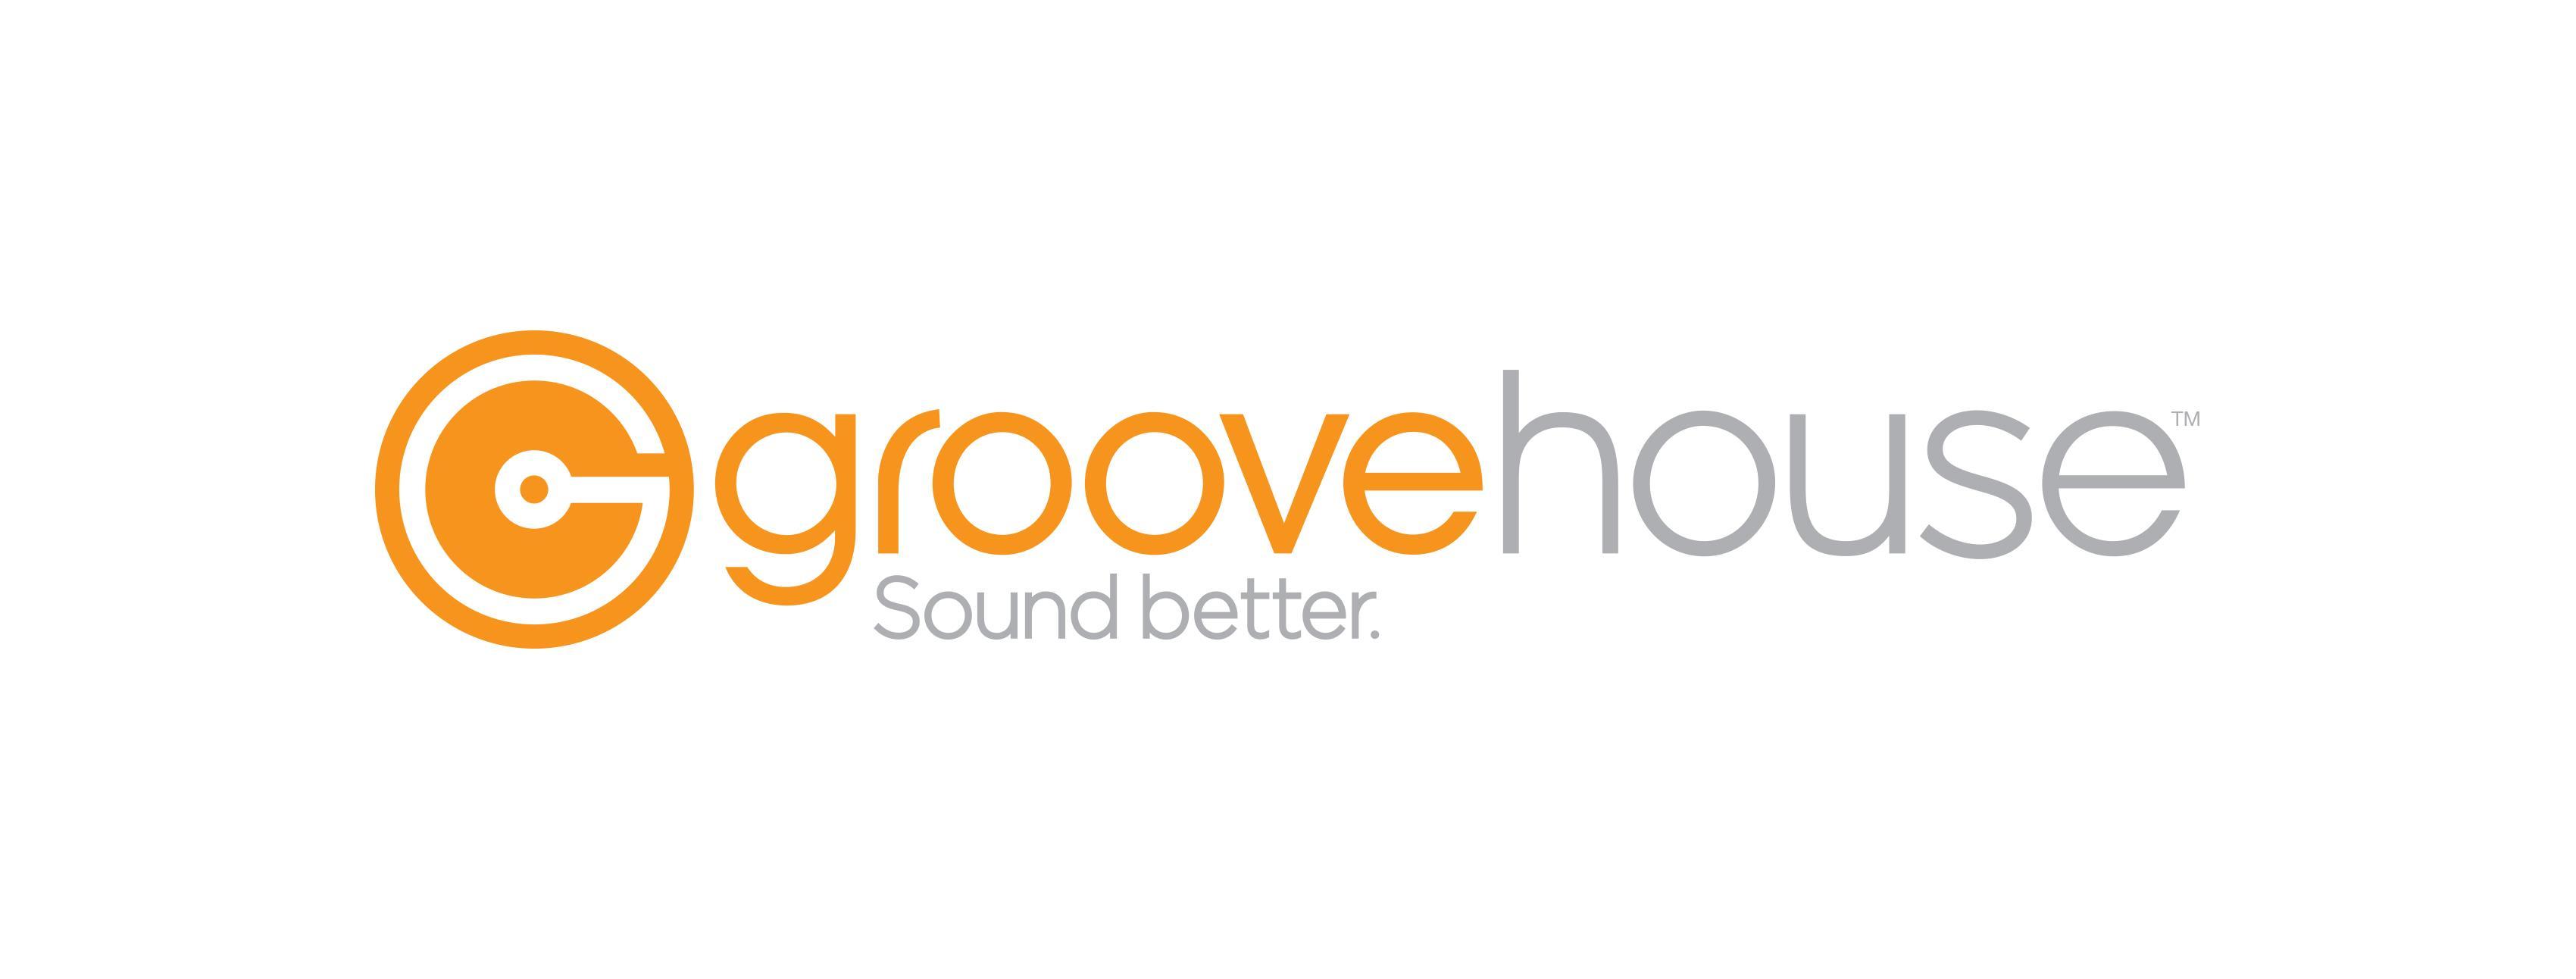 GrooveHouse Branding